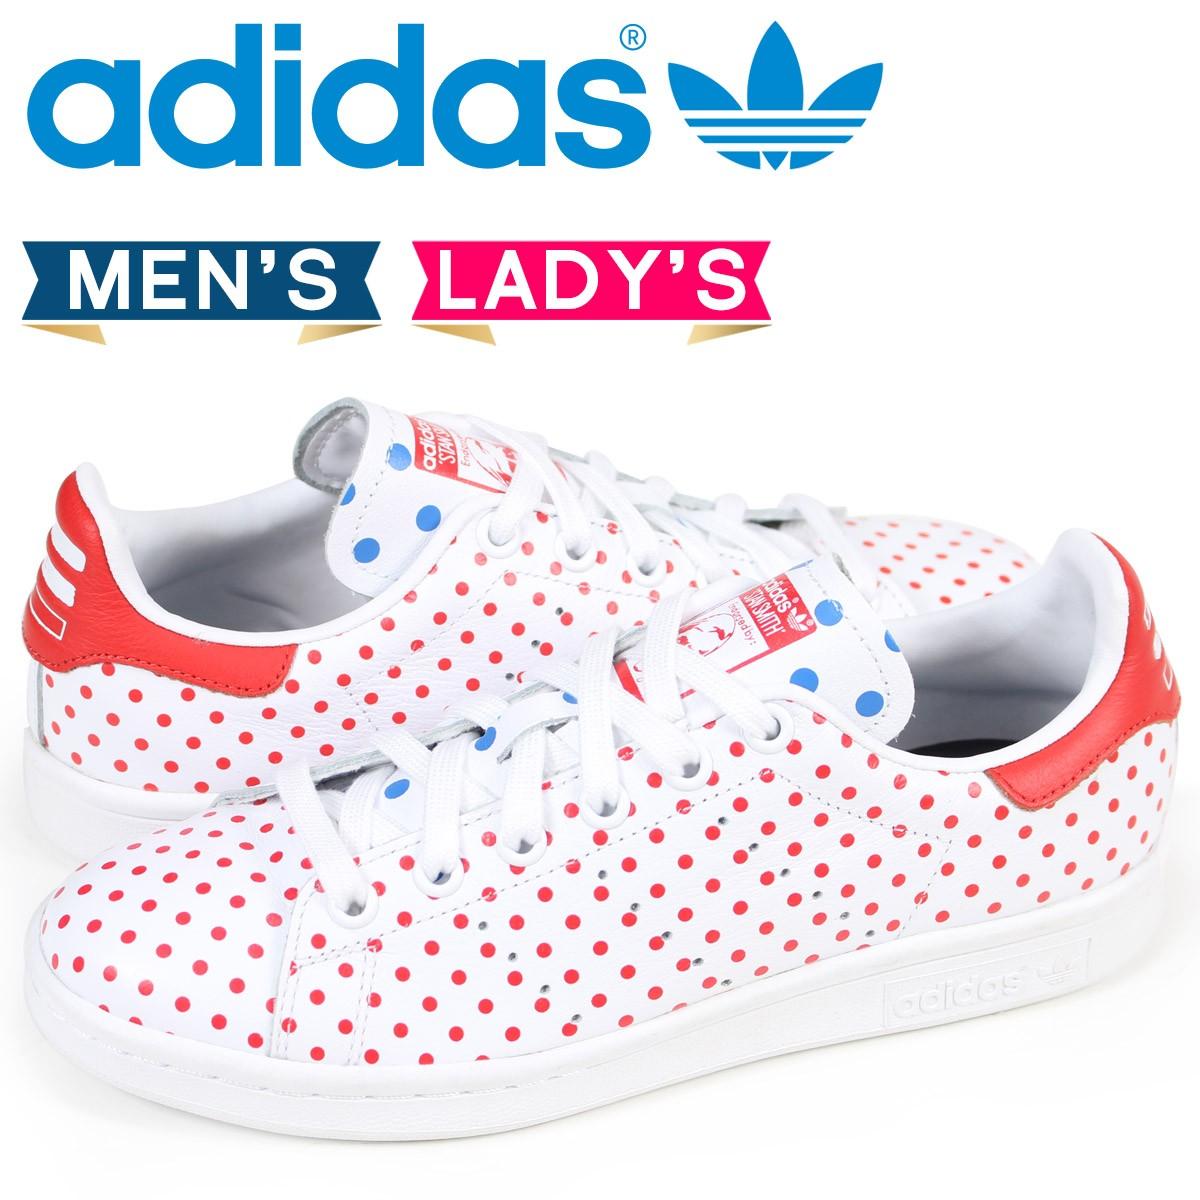 adidas Originals PW STAN SMITH SPD アディダス スタンスミス スニーカー ファレルウィリアムス メンズ レディース コラボ ホワイト オリジナルス [3/15 新入荷] [183]